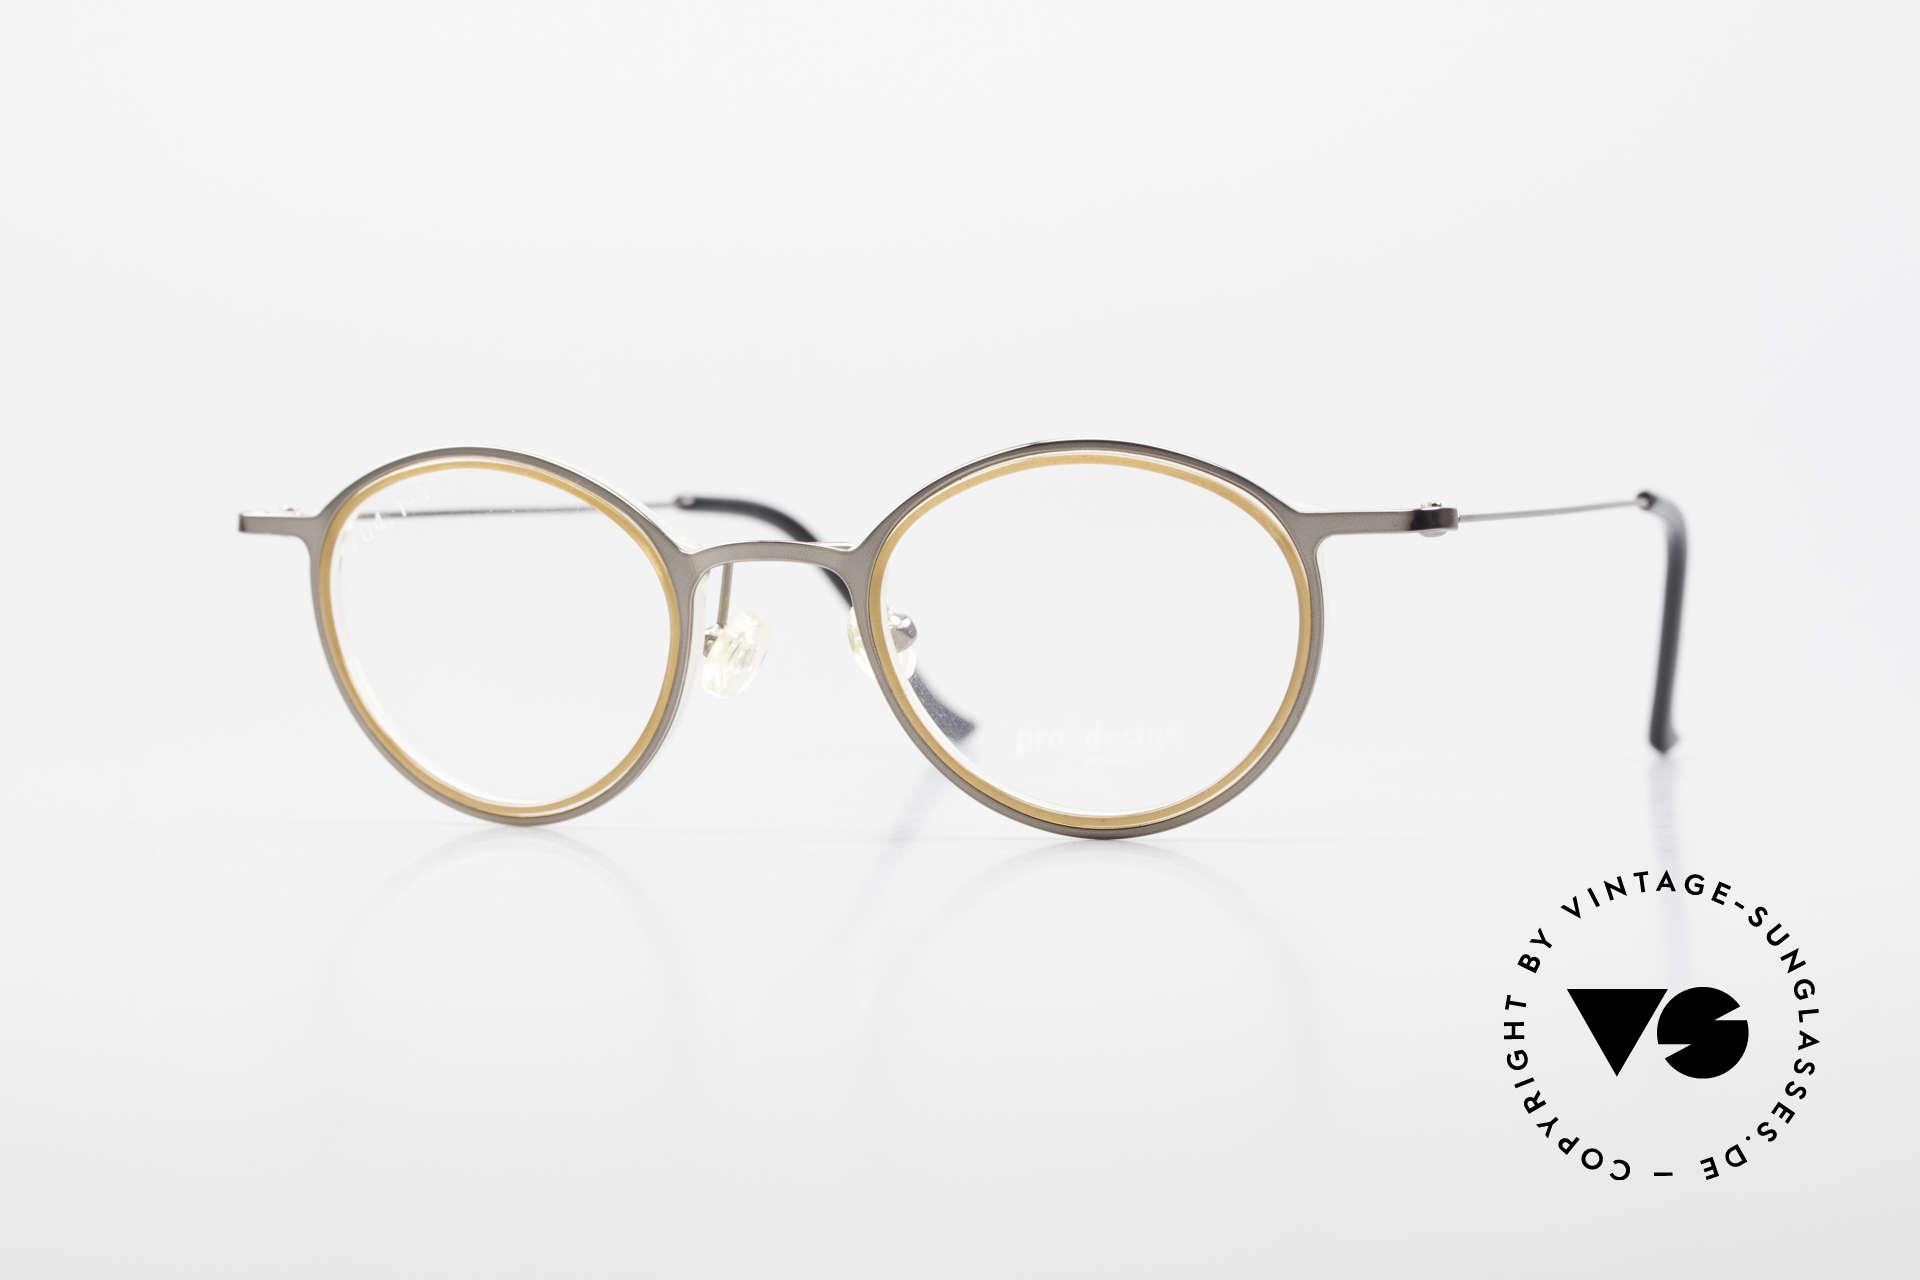 ProDesign 7041 Unisex Panto Glasses 90s 2000s, Pro Design Optic Studio Denmark PANTO glasses, Made for Men and Women